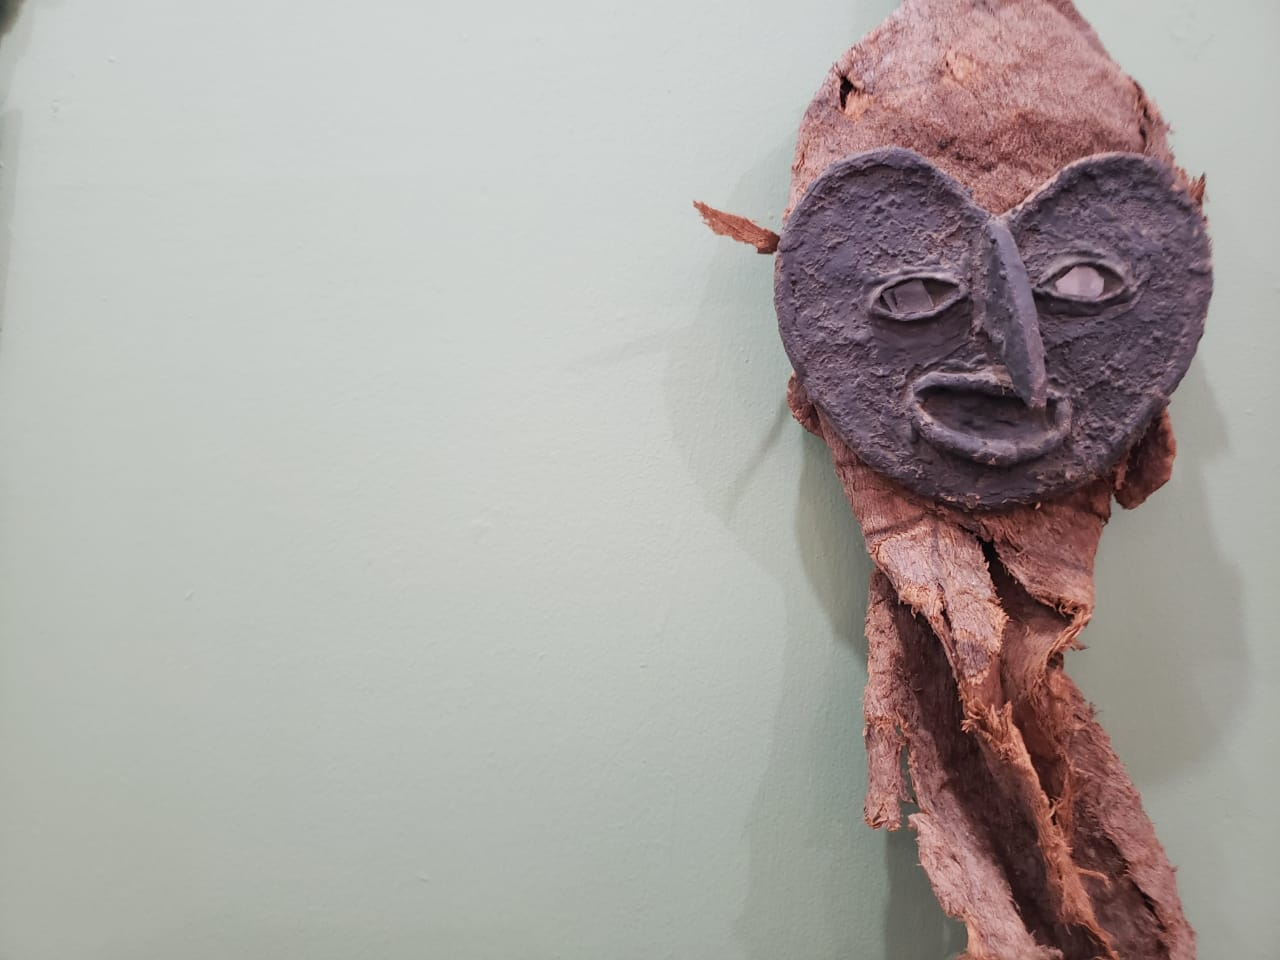 RJ_Nova_Iguaçu_Exposição_Máscara